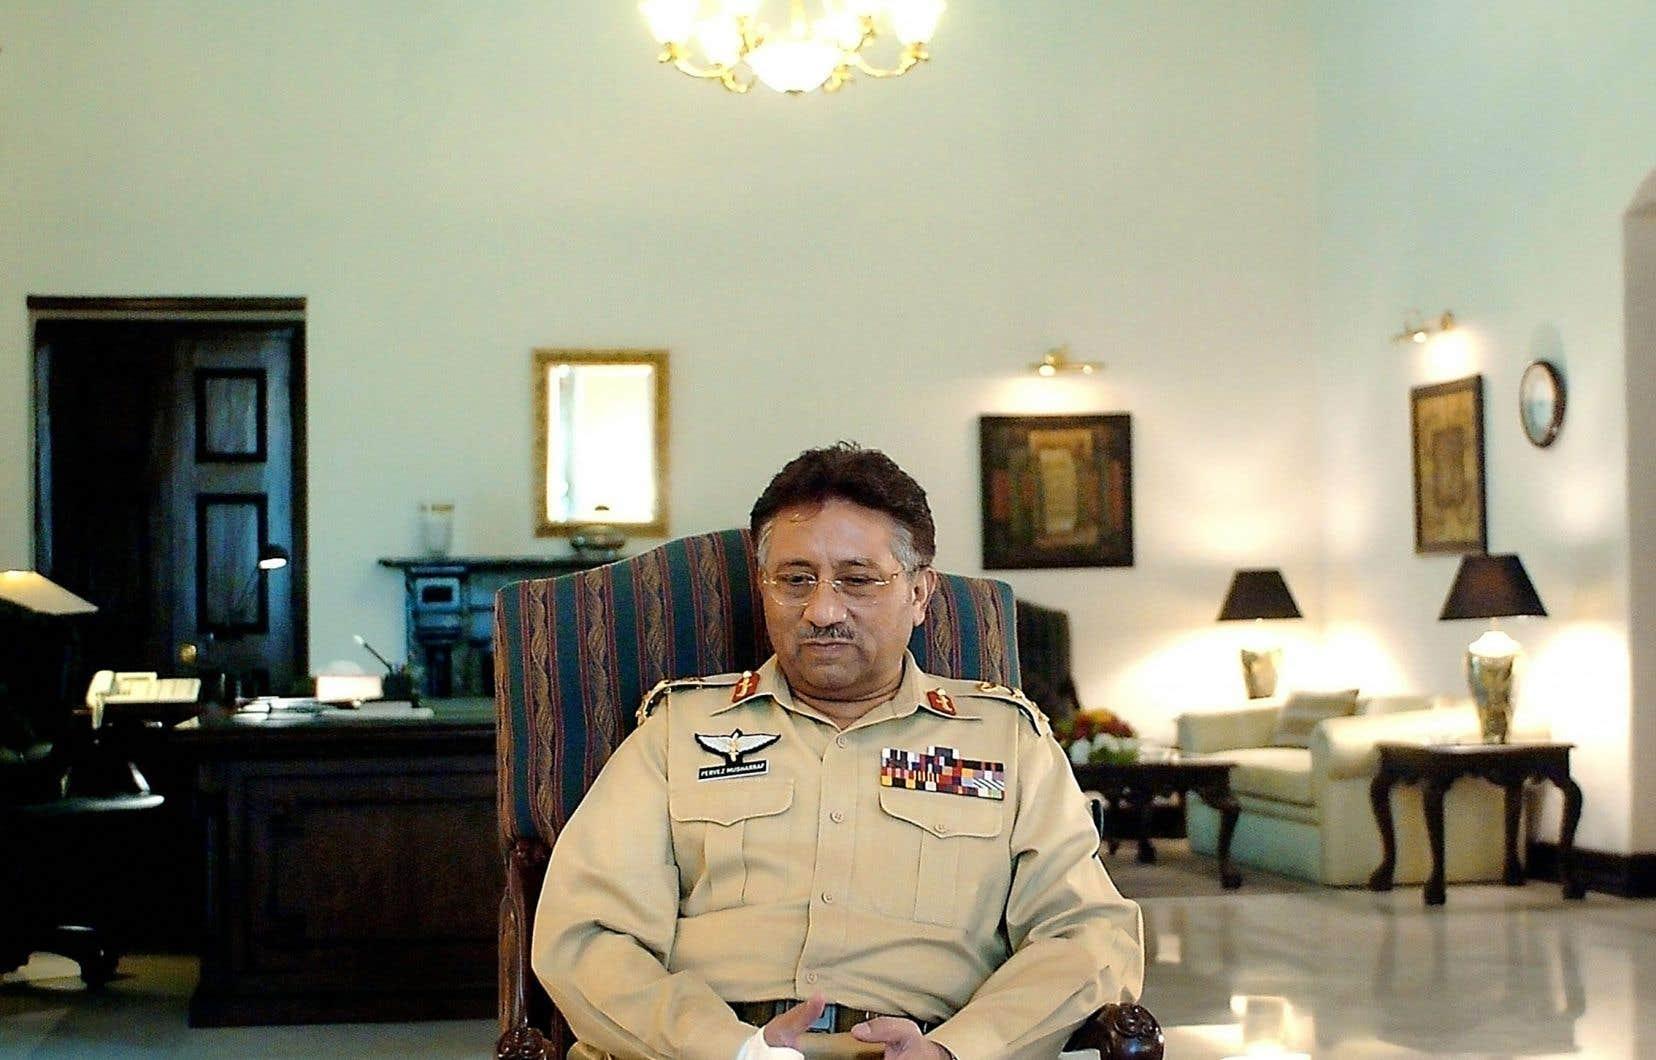 Le général Moucharraf était parvenu au pouvoir par un coup d'État sans effusion de sang en octobre 1999, puis s'était autoproclamé président en juin 2001, avant de remporter en avril 2002 un référendum controversé. Il était resté à la tête du Pakistan jusqu'en 2008.